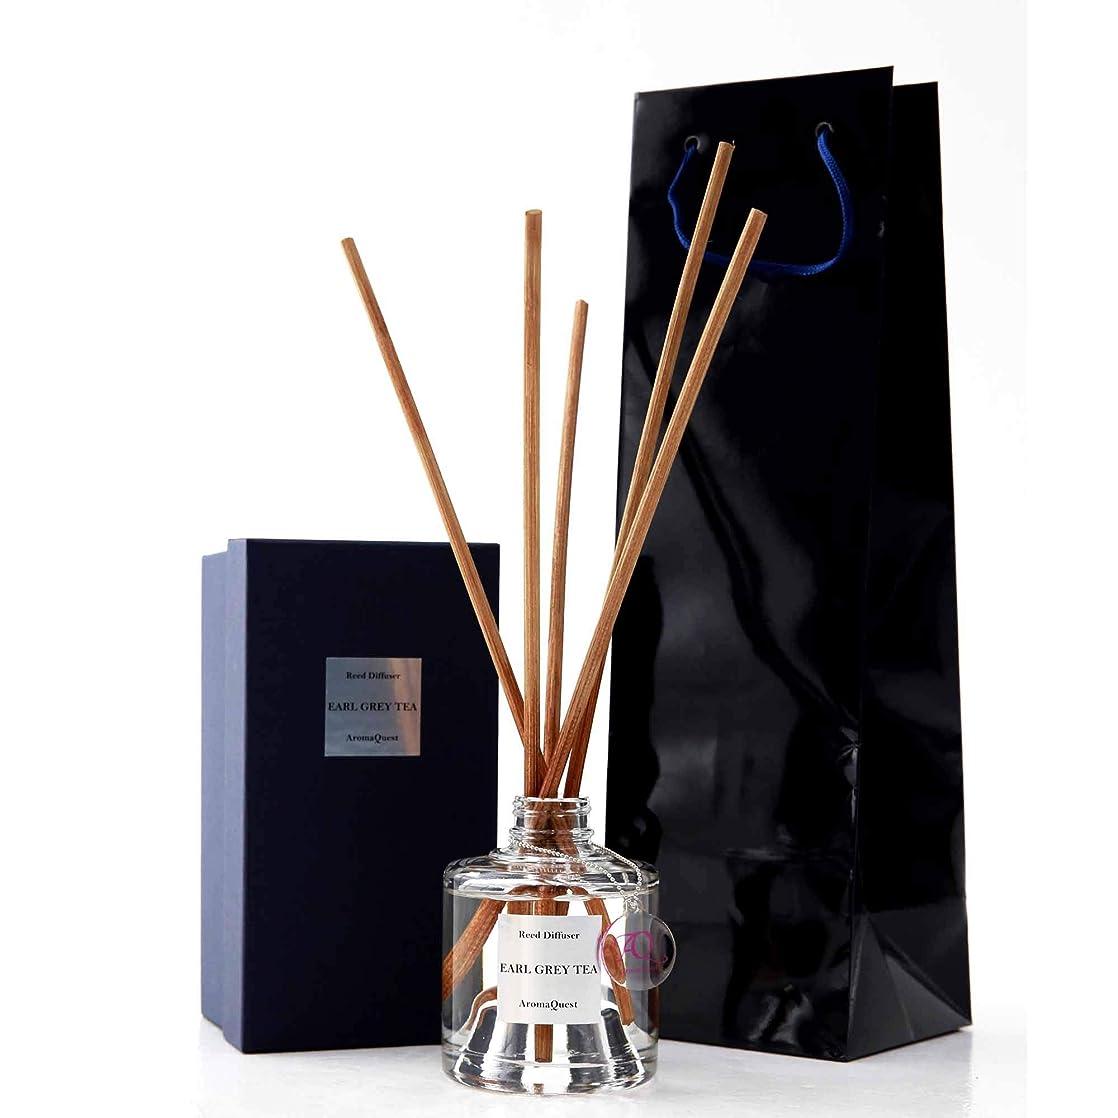 ラッチ発音する在庫ルームフレグランス リードディフューザー アロマディフューザー 150ml アールグレイティー EARL GREY TEA 紅茶の香り